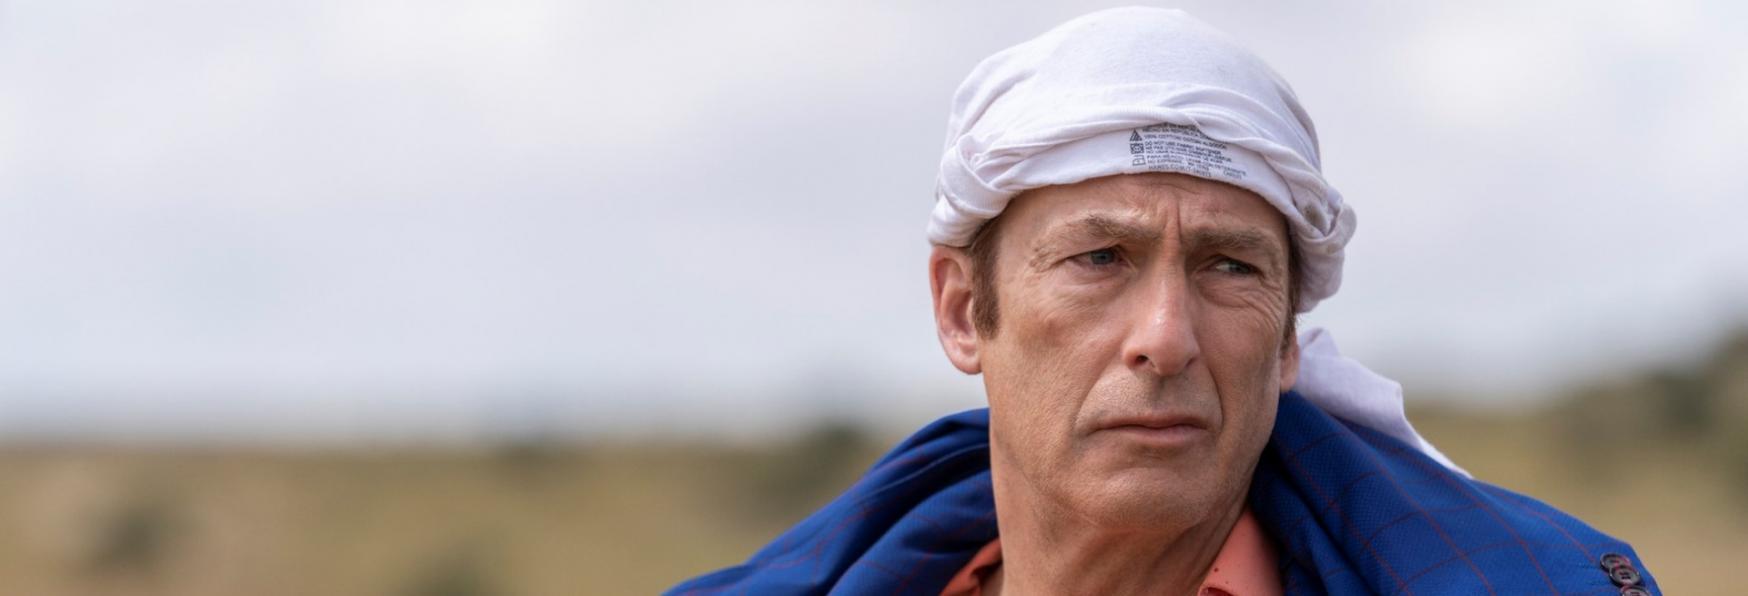 Better Call Saul 6: la Produzione sta per iniziare, ecco quando Debutterà l'Ultima Stagione della Serie TV Spin-Off